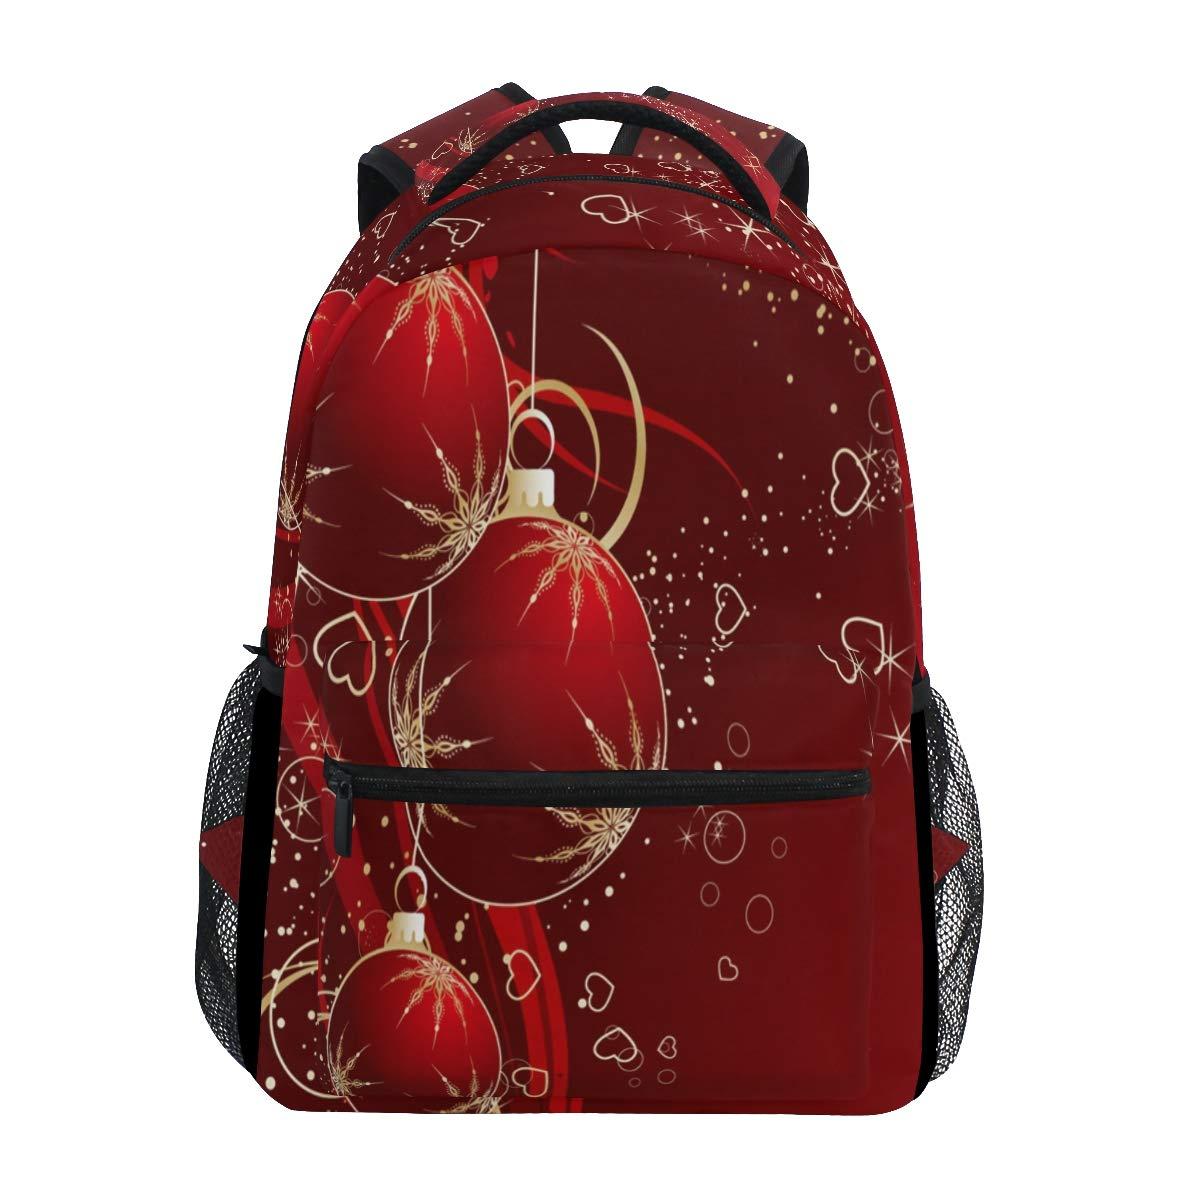 ファッションスクールバックパック ガールズ ボーイズ カジュアルデイパック 旅行カレッジ ブックバッグ レディース&メンズ クリスマス 雪の結晶 星プリント スクールバッグ One Size B07L3SB763 Multicoloured 13